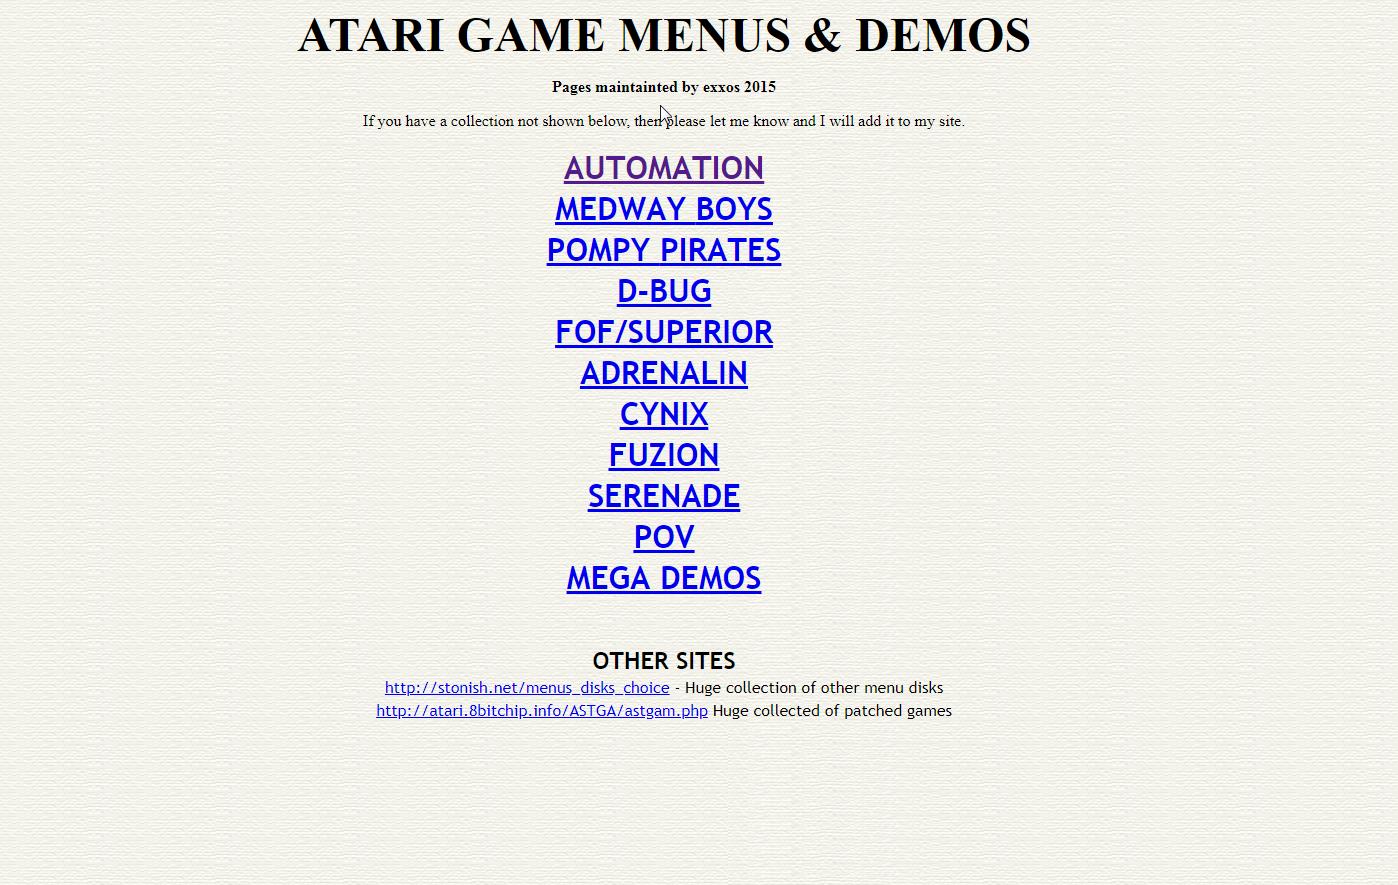 Screenshot of website Atari game menus and demos